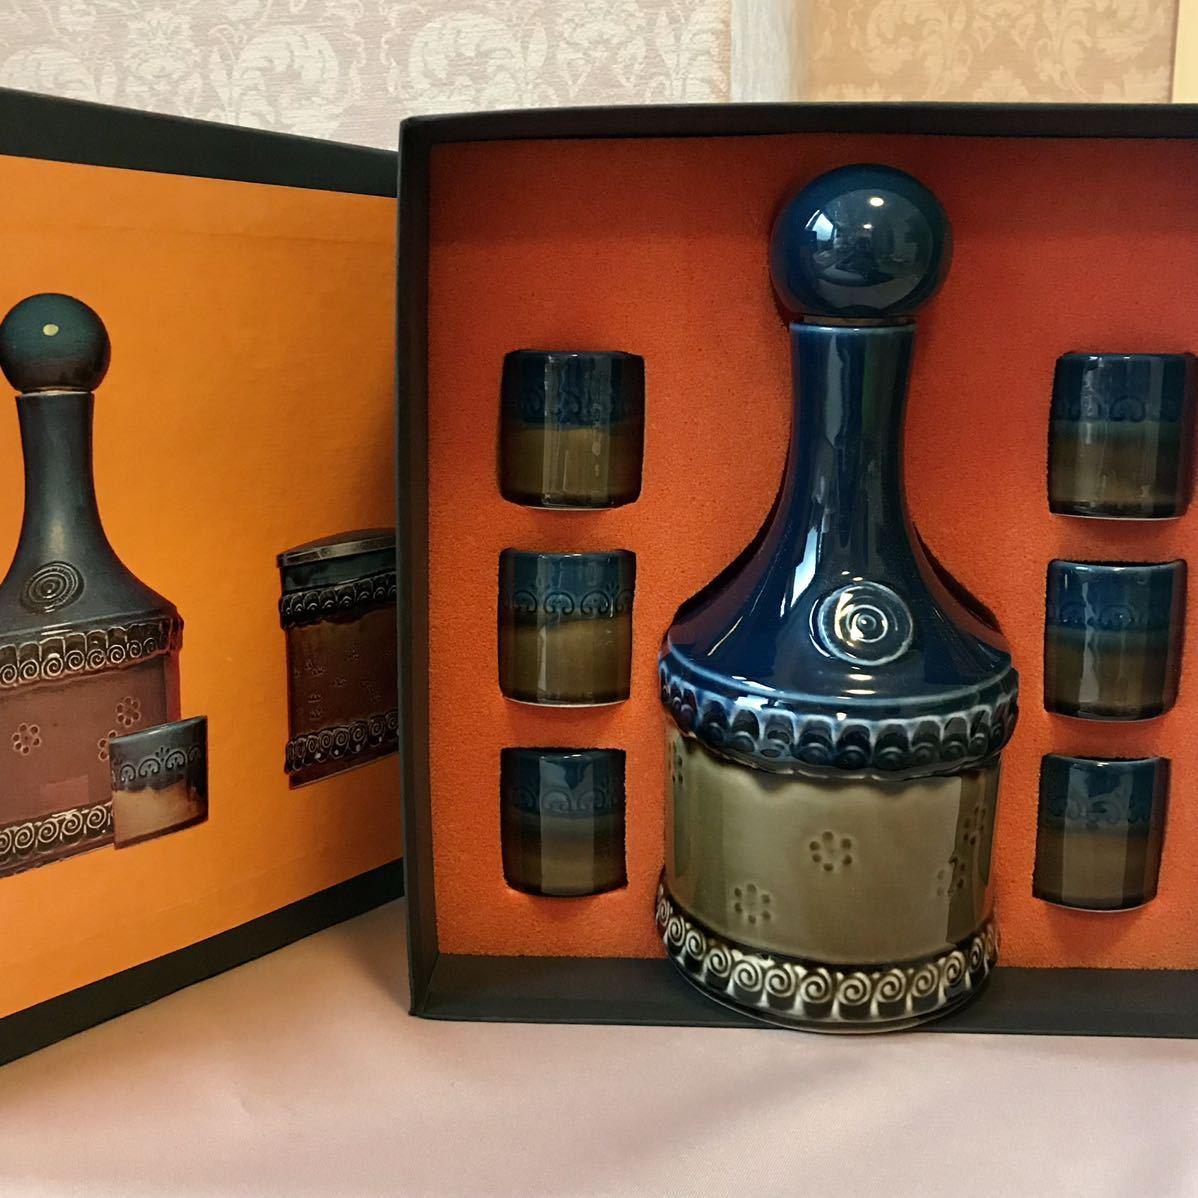 〈送料込〉ローゼンタール ビョルン ヴィンブラッド リキュール セット Rosenthal Bjorn Wiinblad 陶器 食器 ポット ボトル カップ ドイツ_画像1